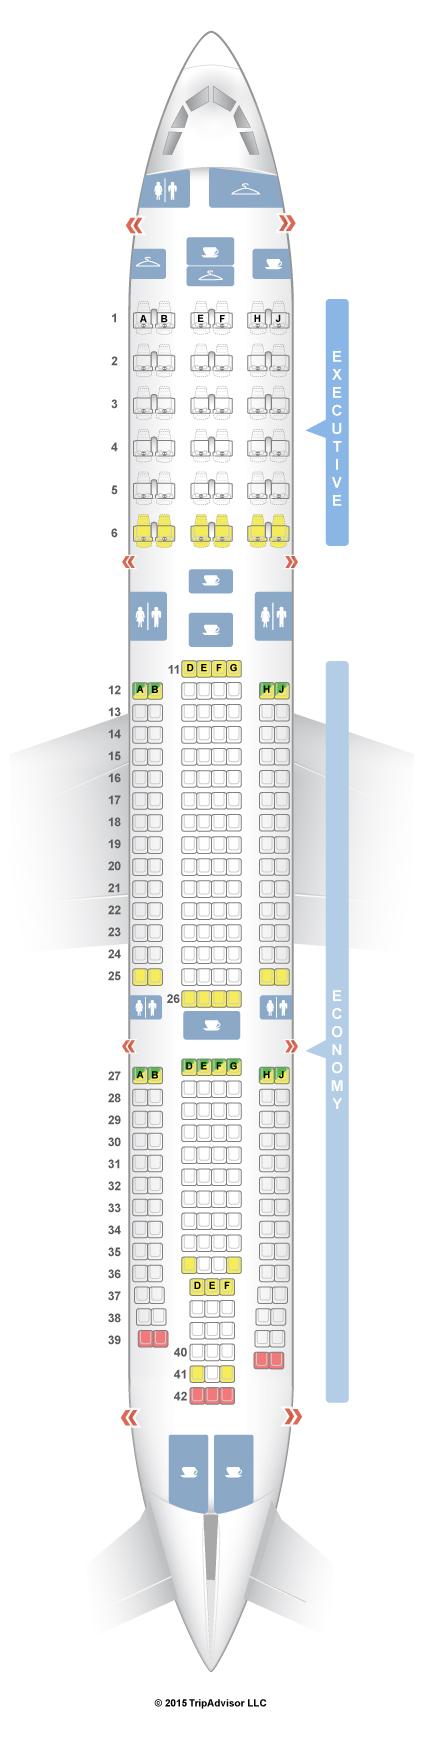 Top 10 Punto Medio Noticias Seatguru Airbus A340 300 Air Mauritius